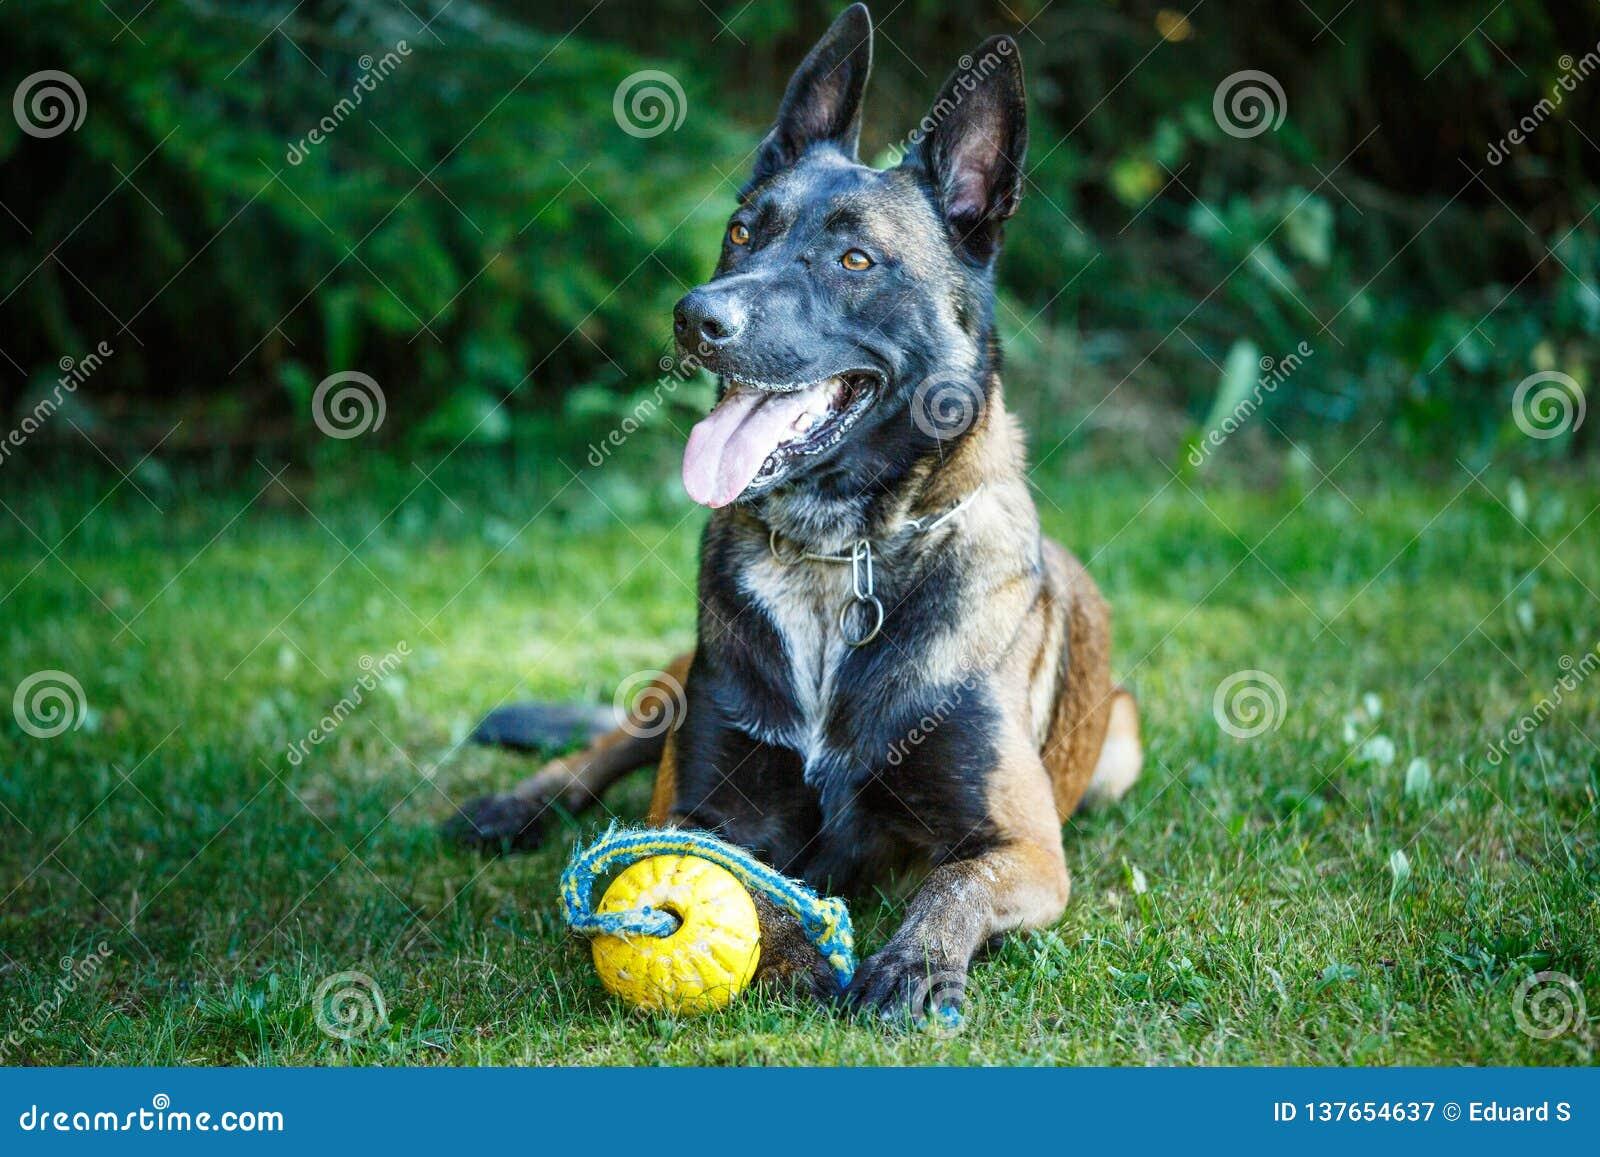 Perro de Shepdog del belga, descansando sobre la tierra con un juguete